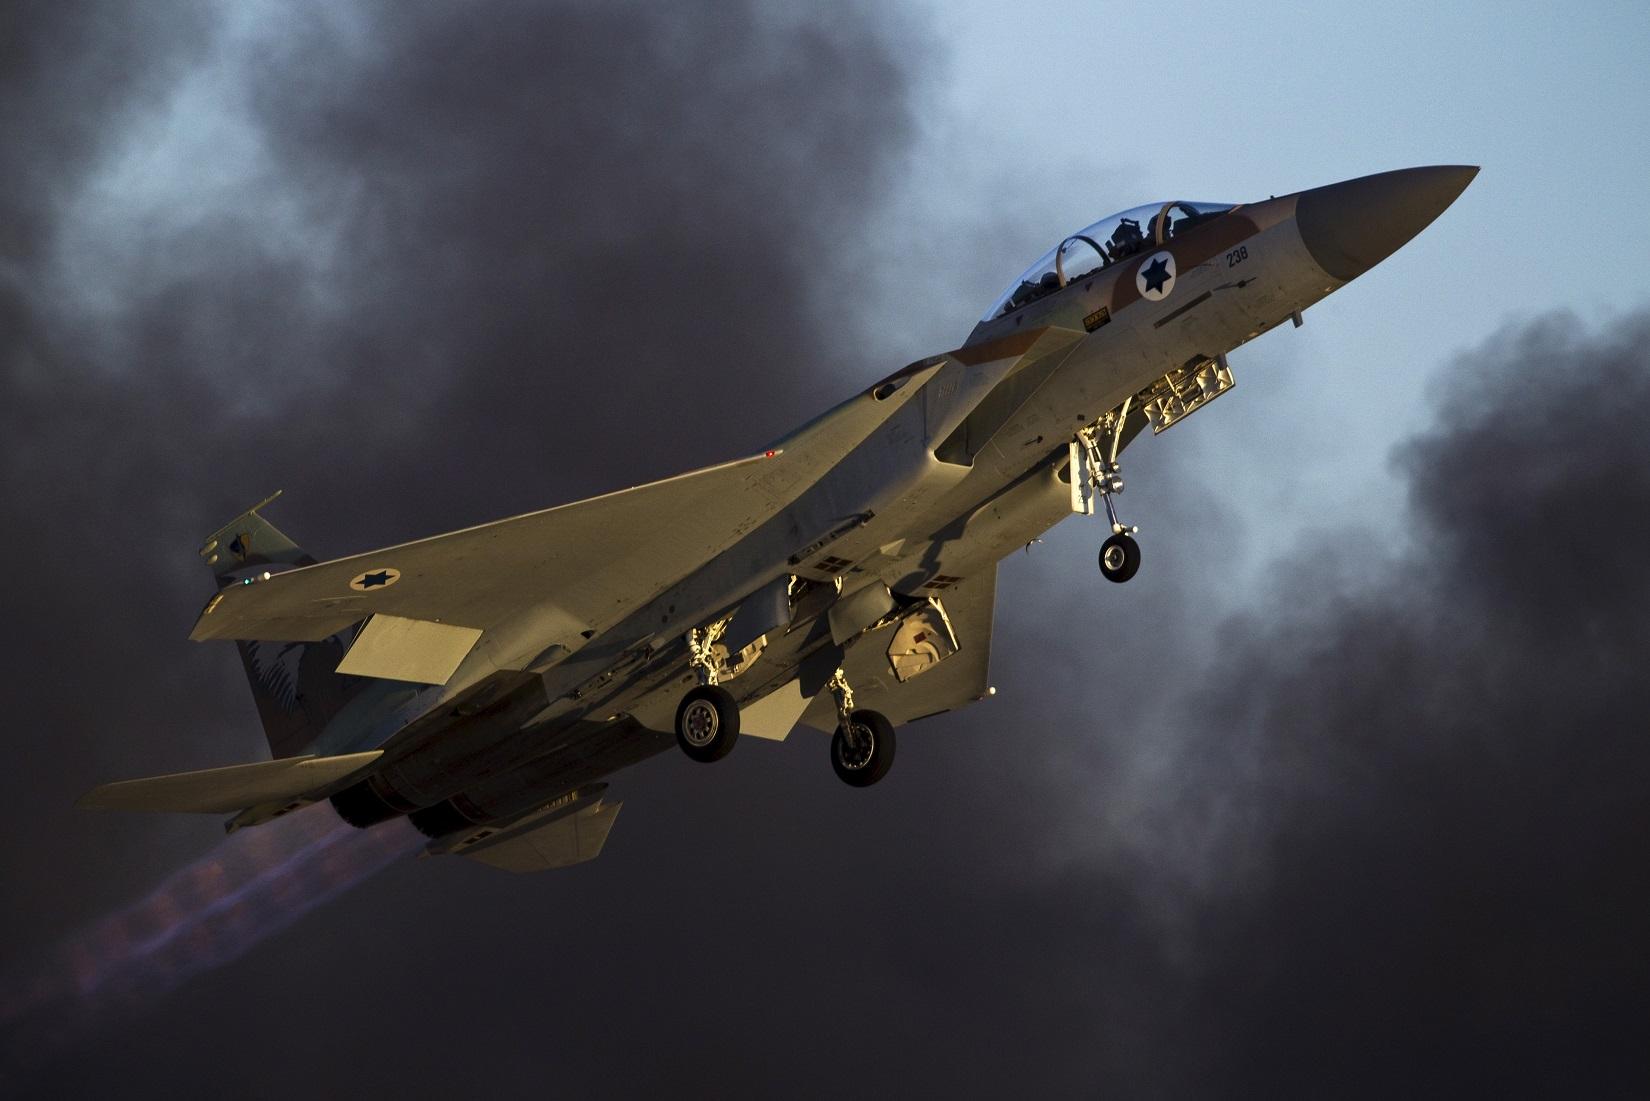 L'armée israélienne a confirmé l'attaque contre la Syrie. D. R.